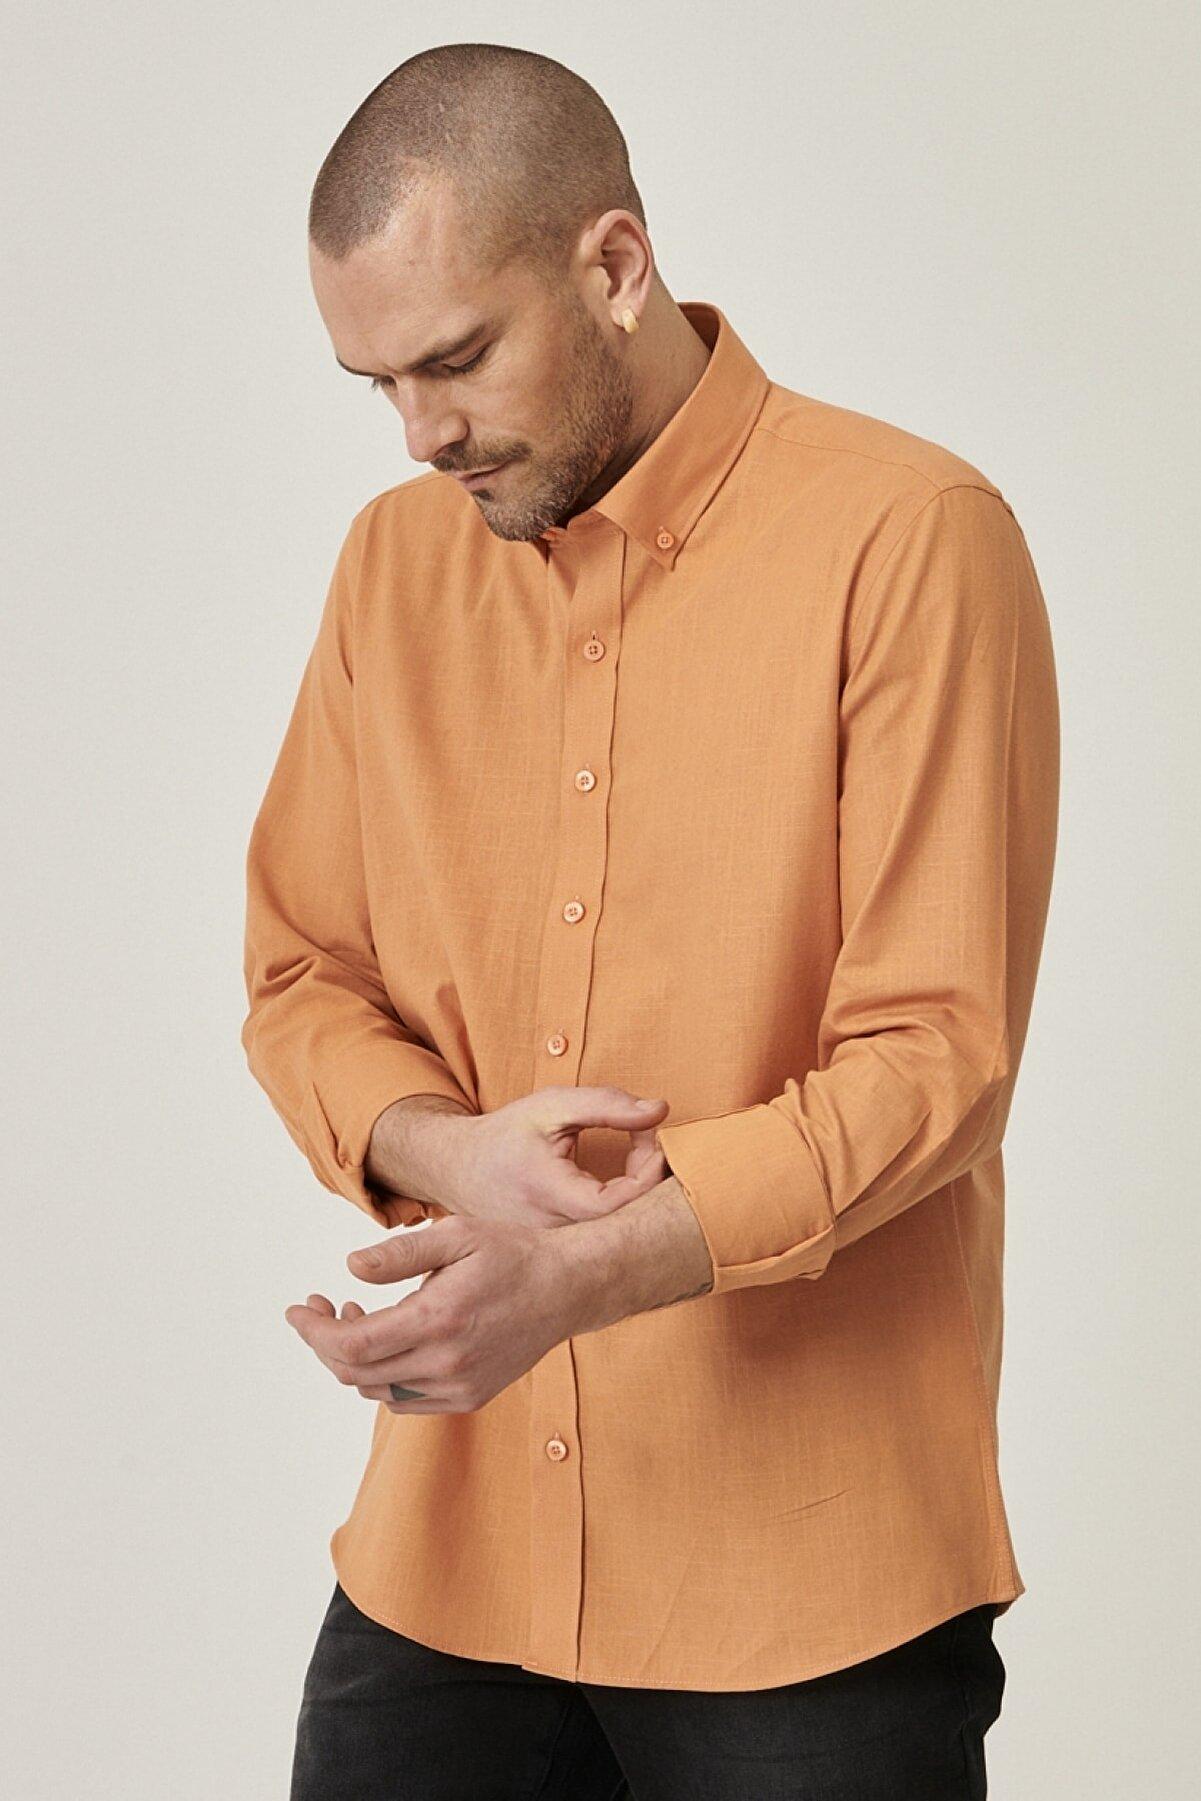 Altınyıldız Classics Erkek Kiremit Tailored Slim Fit Dar Kesim Düğmeli Yaka %100 Koton Gömlek